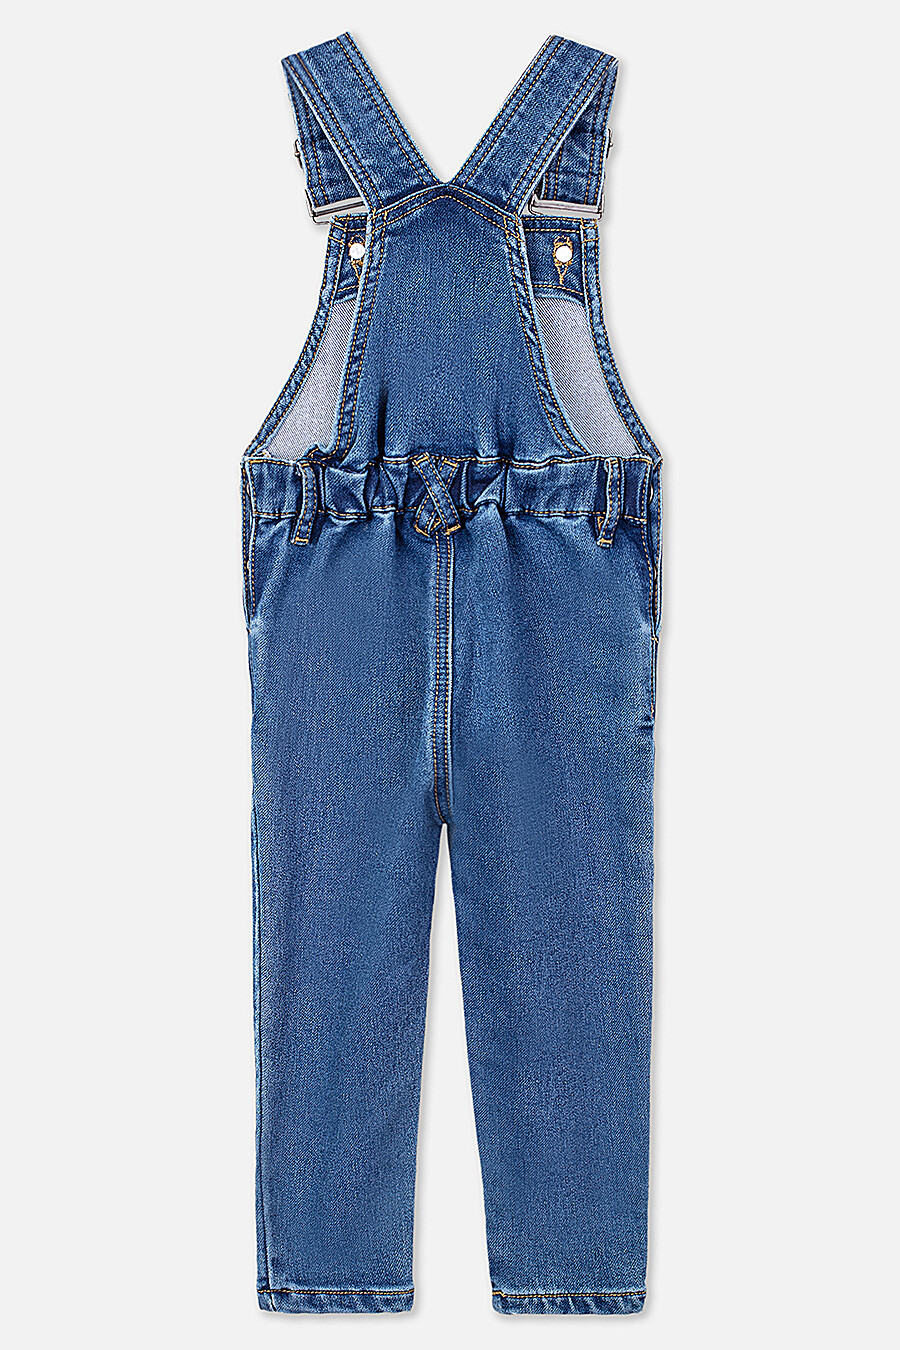 Комбинезон для мальчиков PLAYTODAY 147417 купить оптом от производителя. Совместная покупка детской одежды в OptMoyo